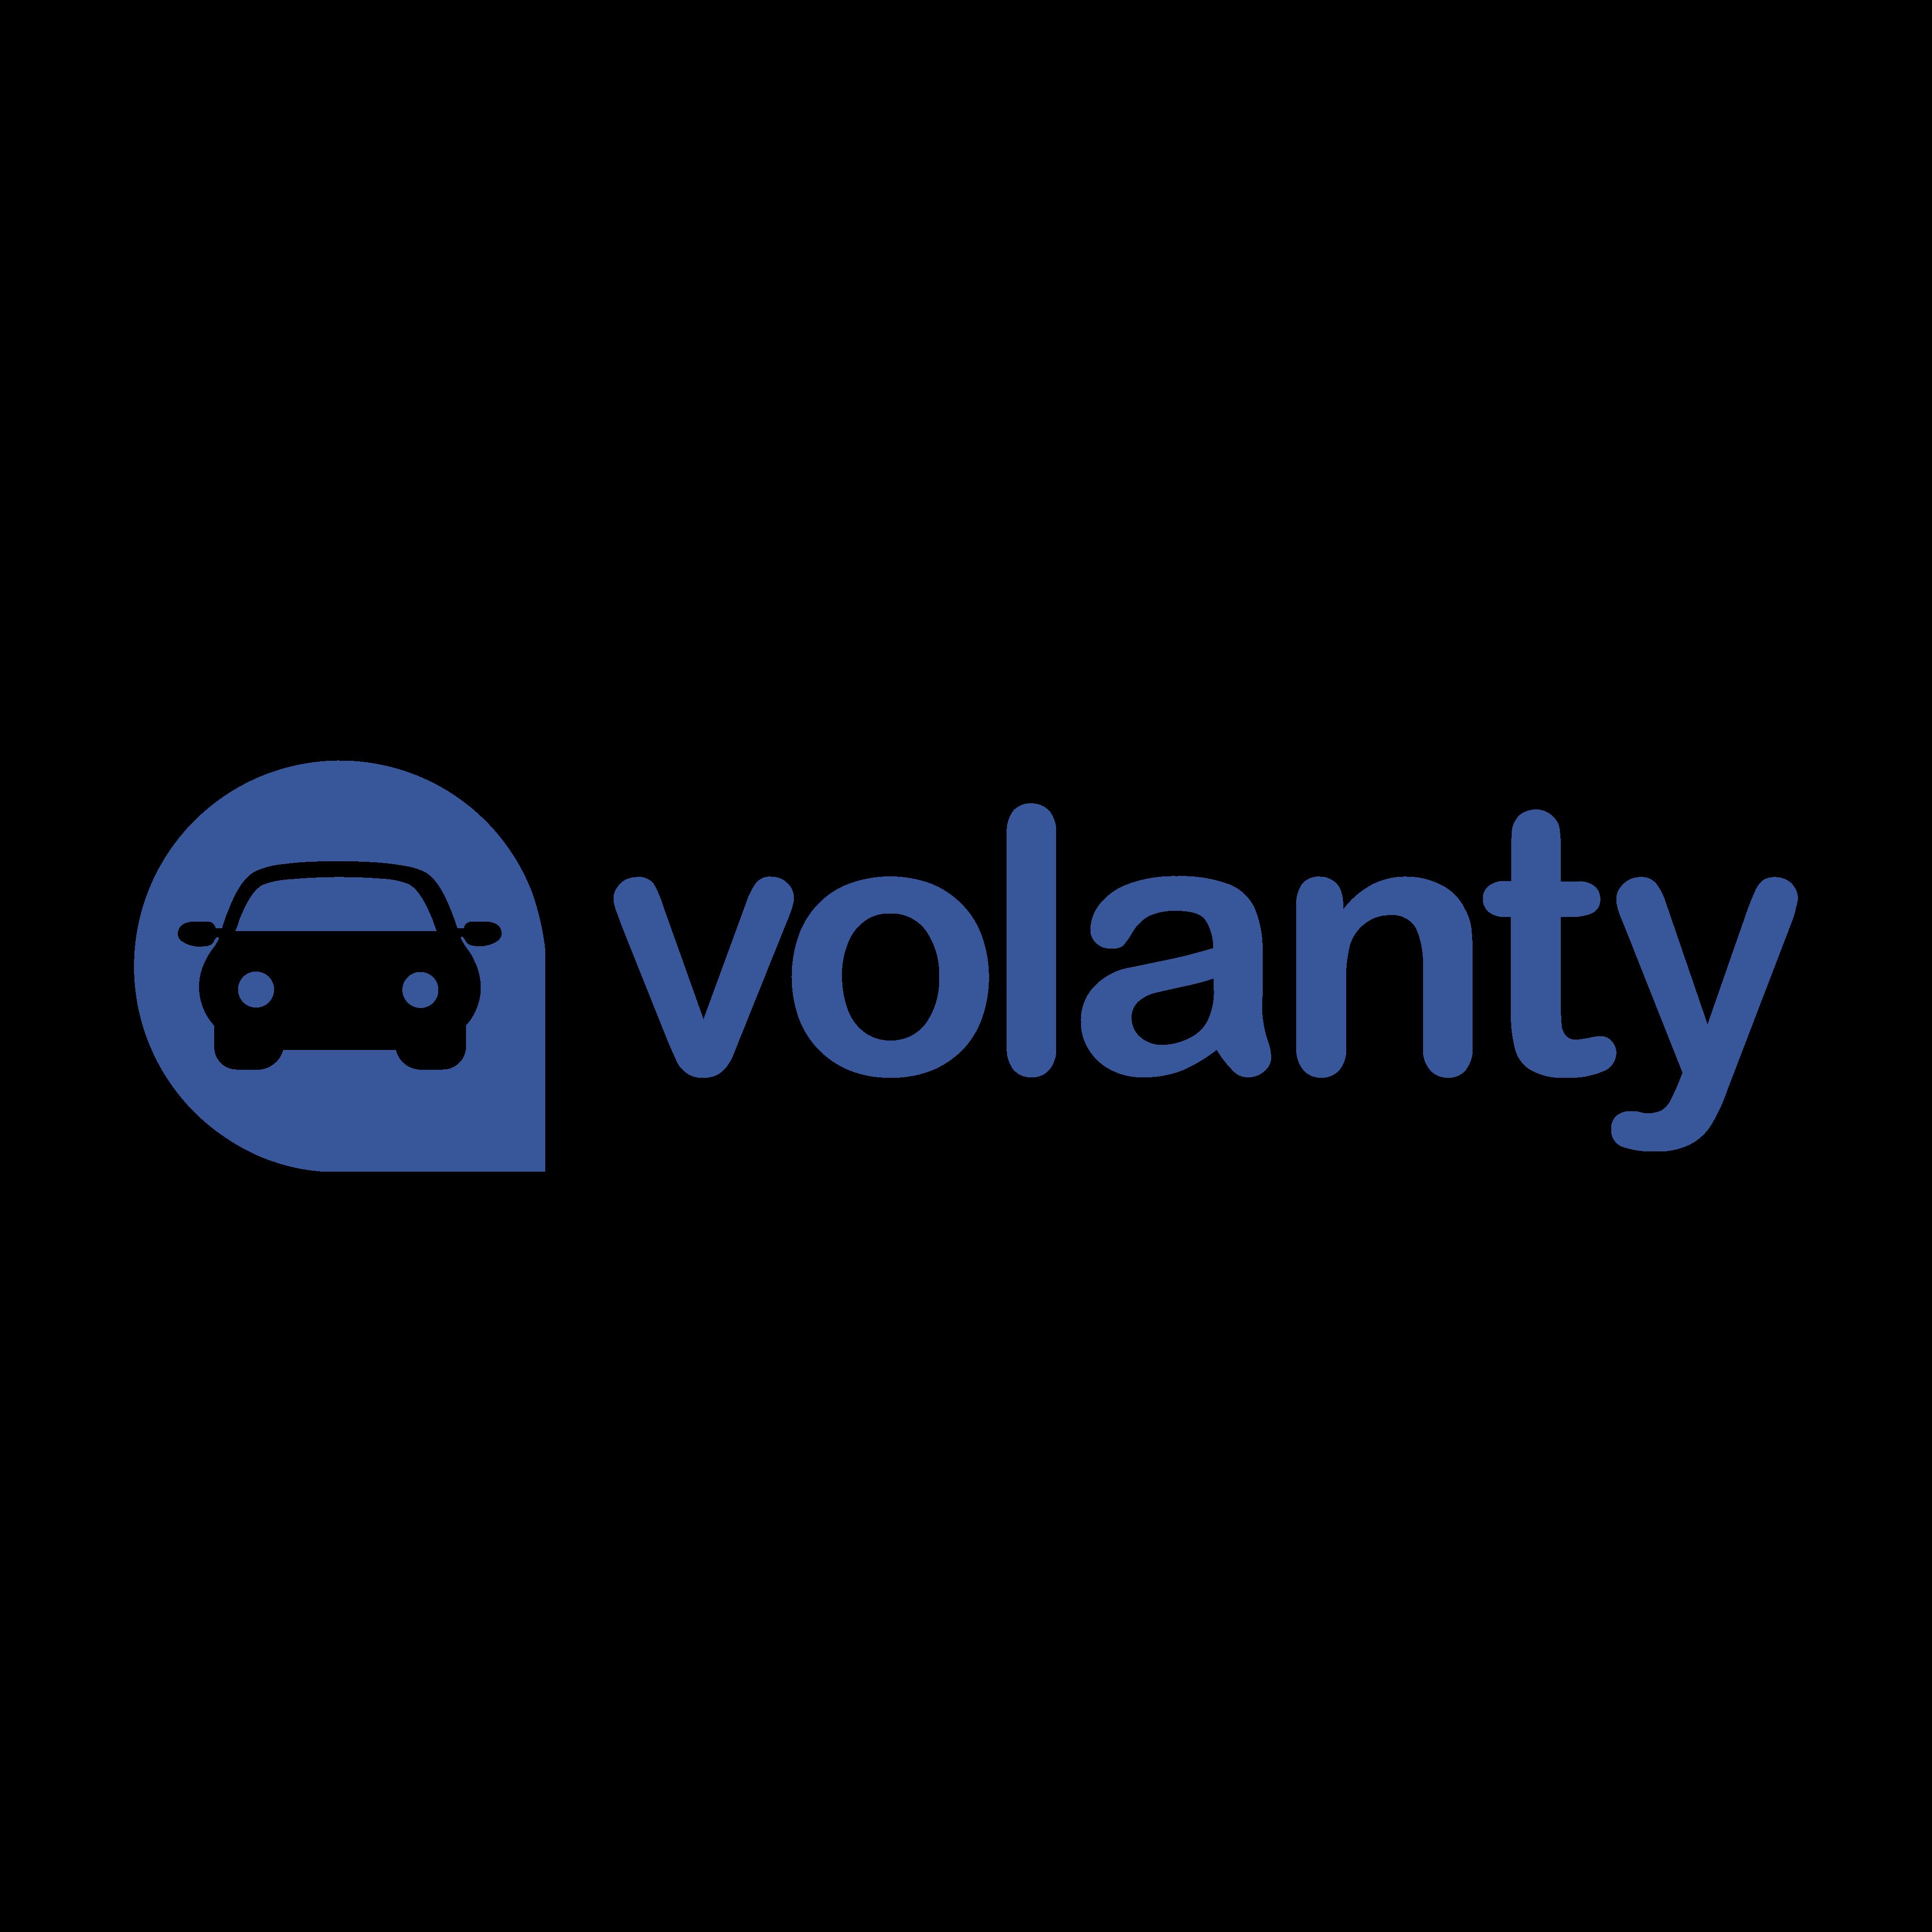 volanty logo 0 - Volanty Logo